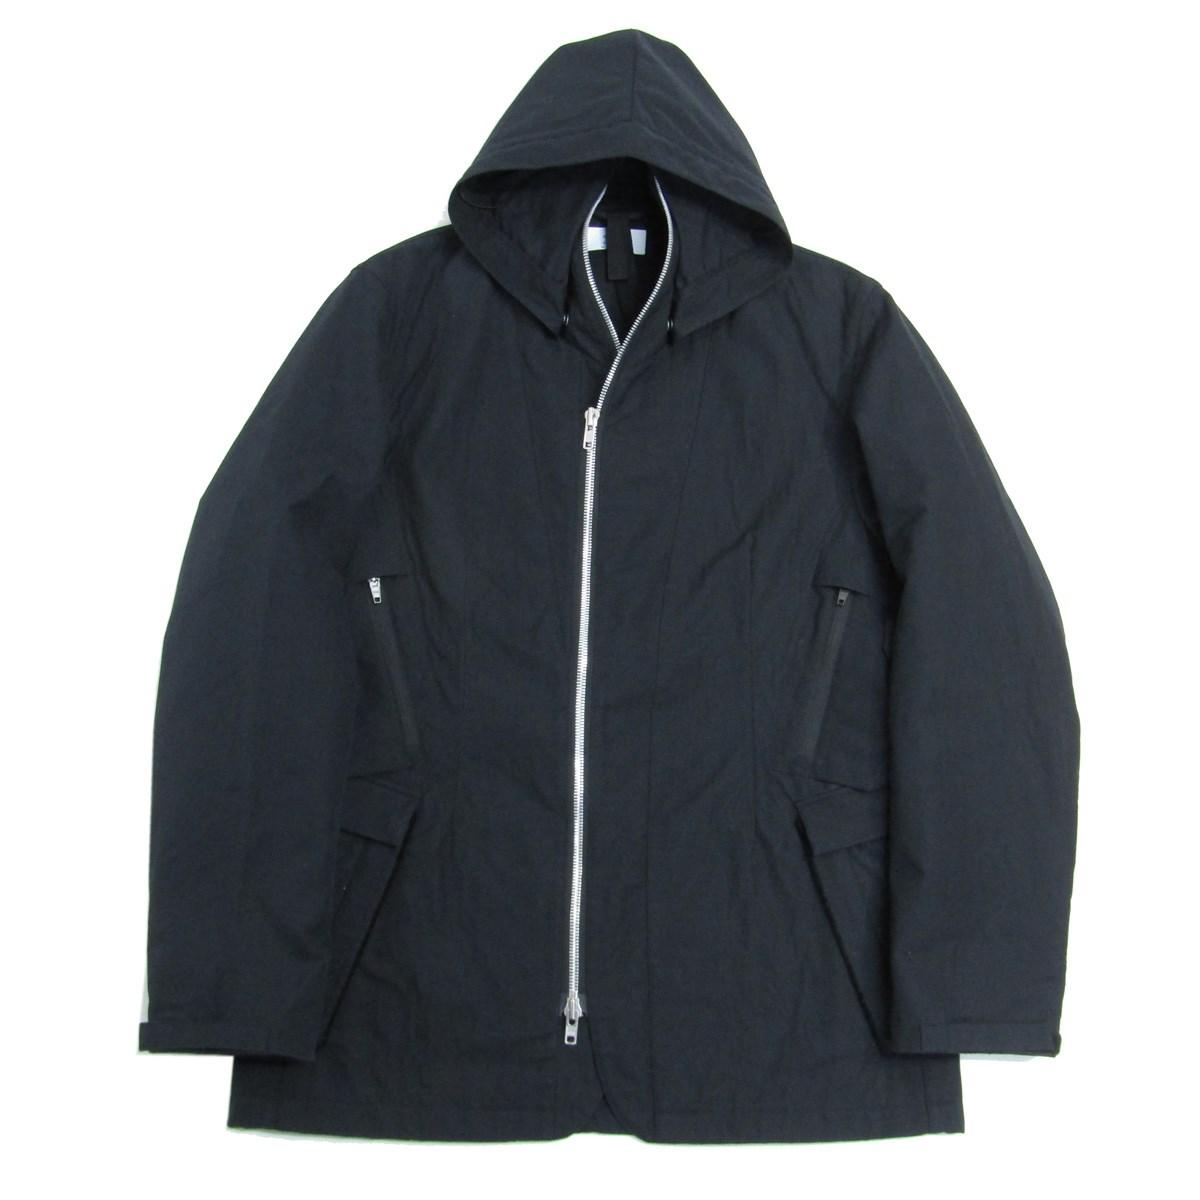 メンズファッション, コート・ジャケット ACRONYM 2019AW J44-SD HD Cotton Jacket Double Layer L 041020